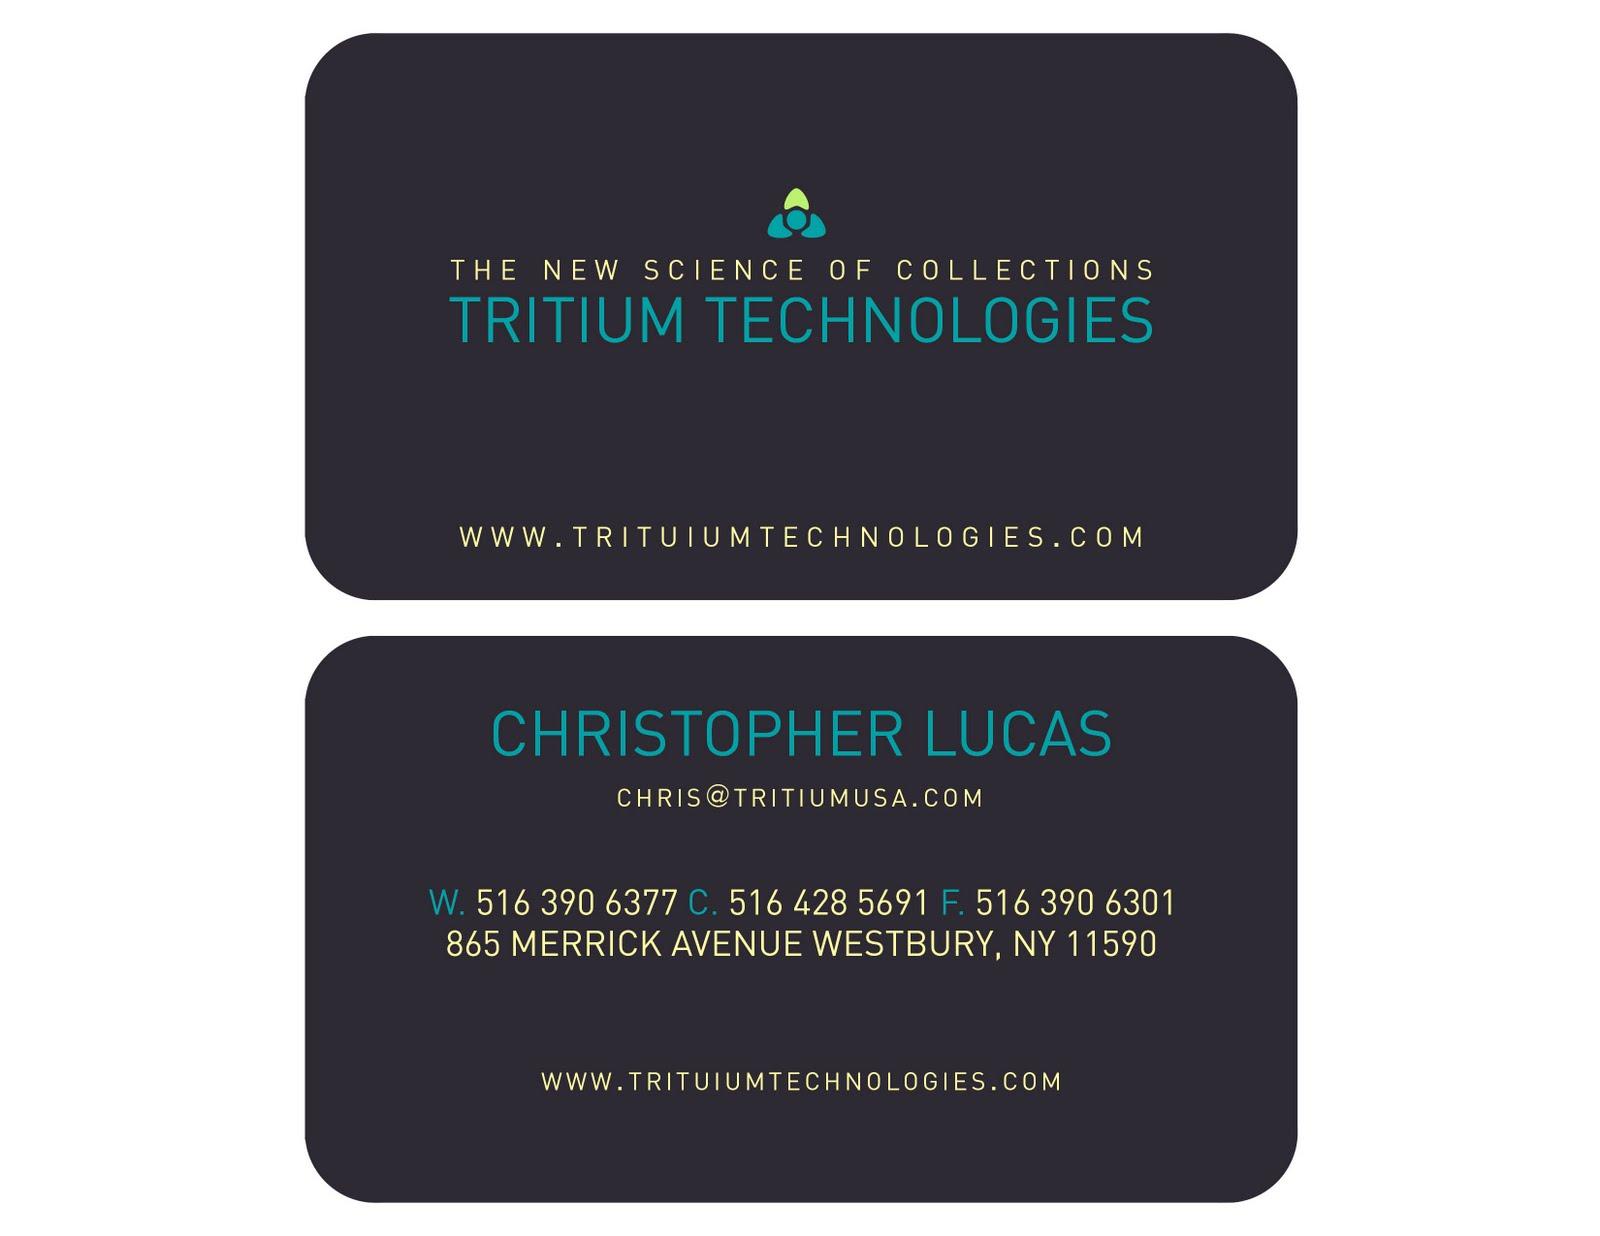 Christine Orlando: BUSINESS CARD DESIGN